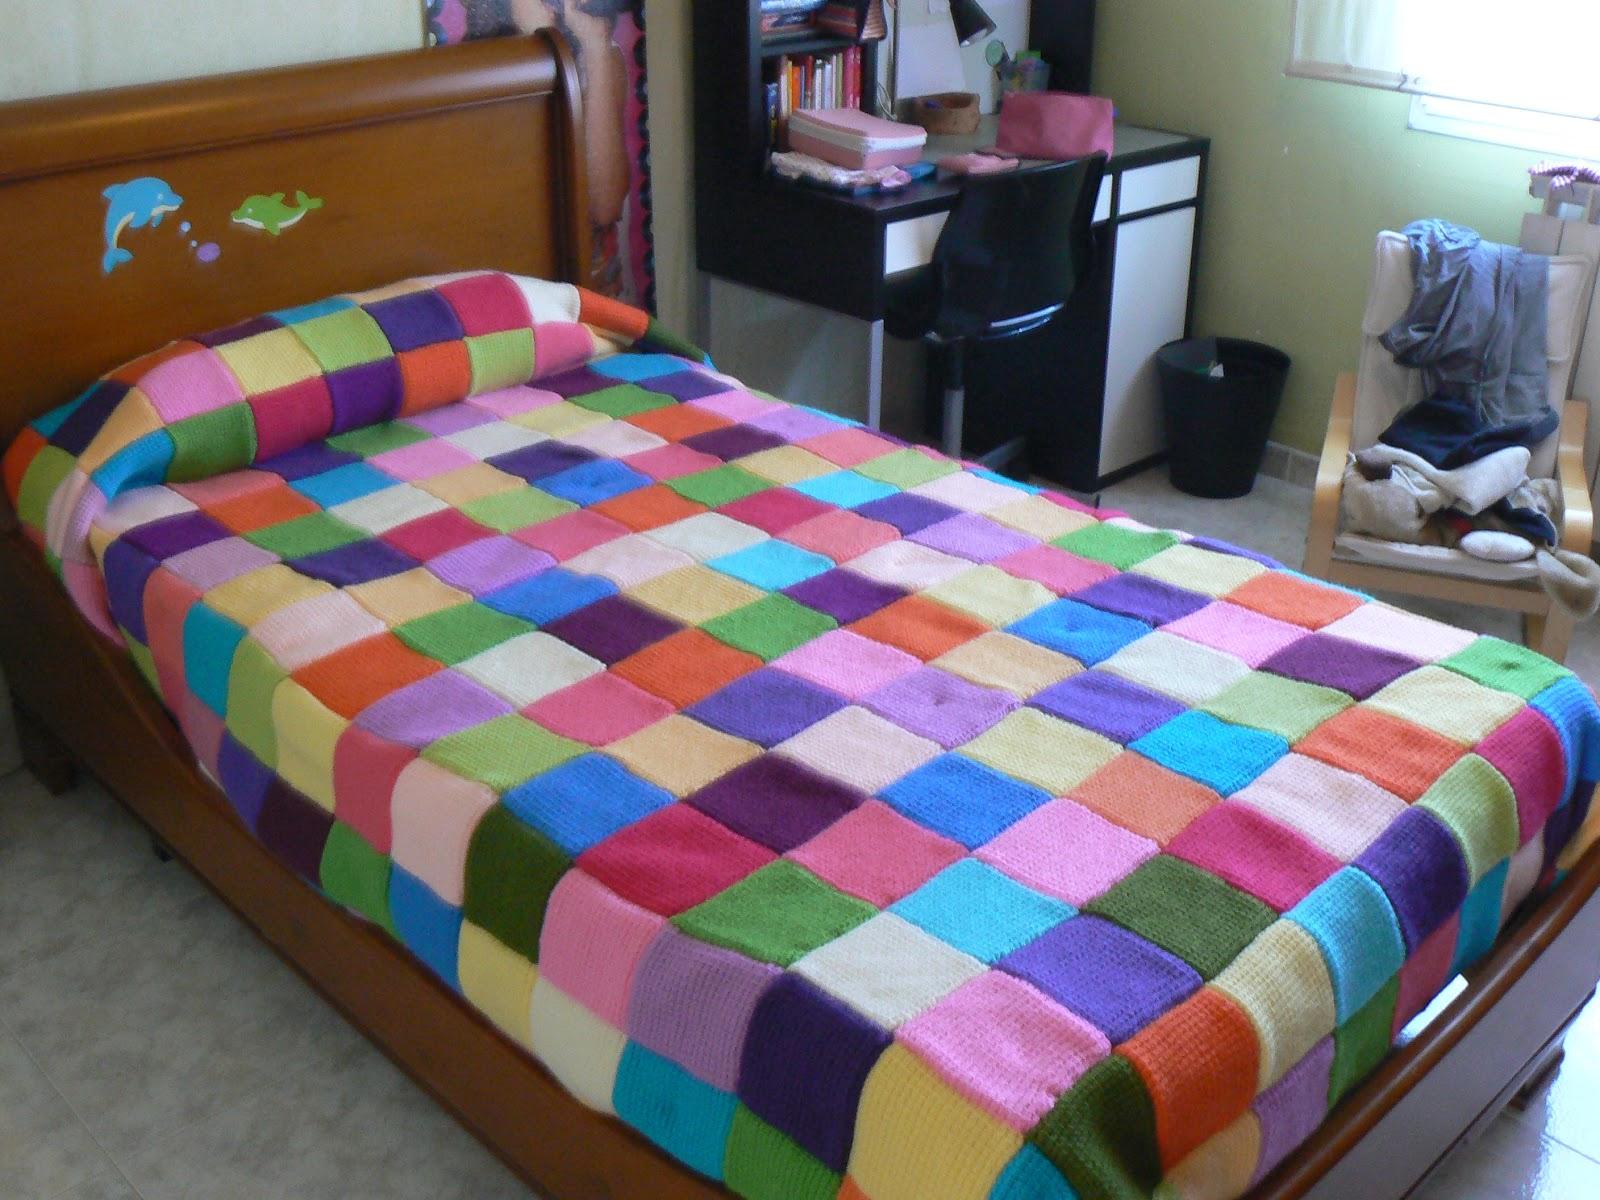 Colchas hechas a mano imagui for Mantas de lana hechas a mano